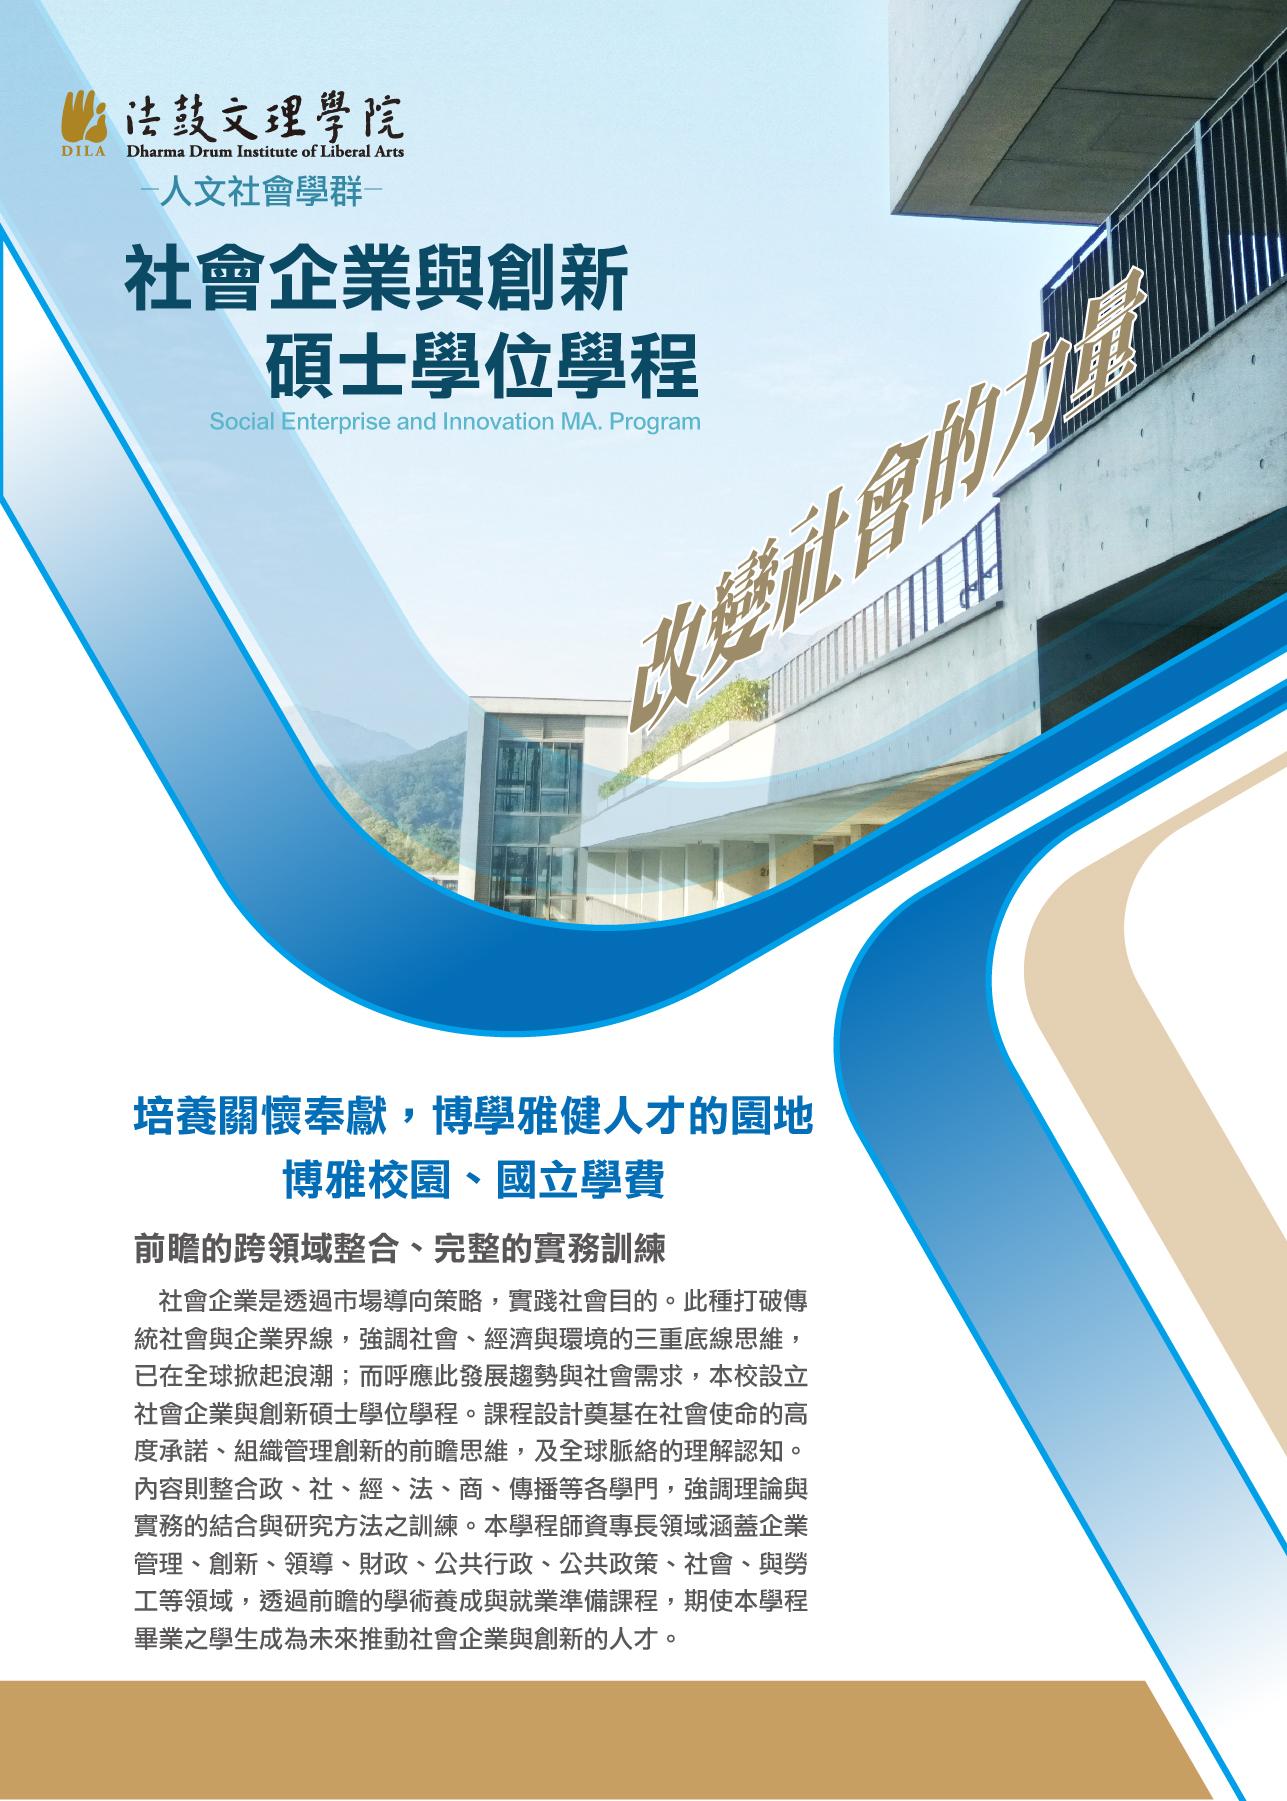 社會企業DM-1_0920修改-01